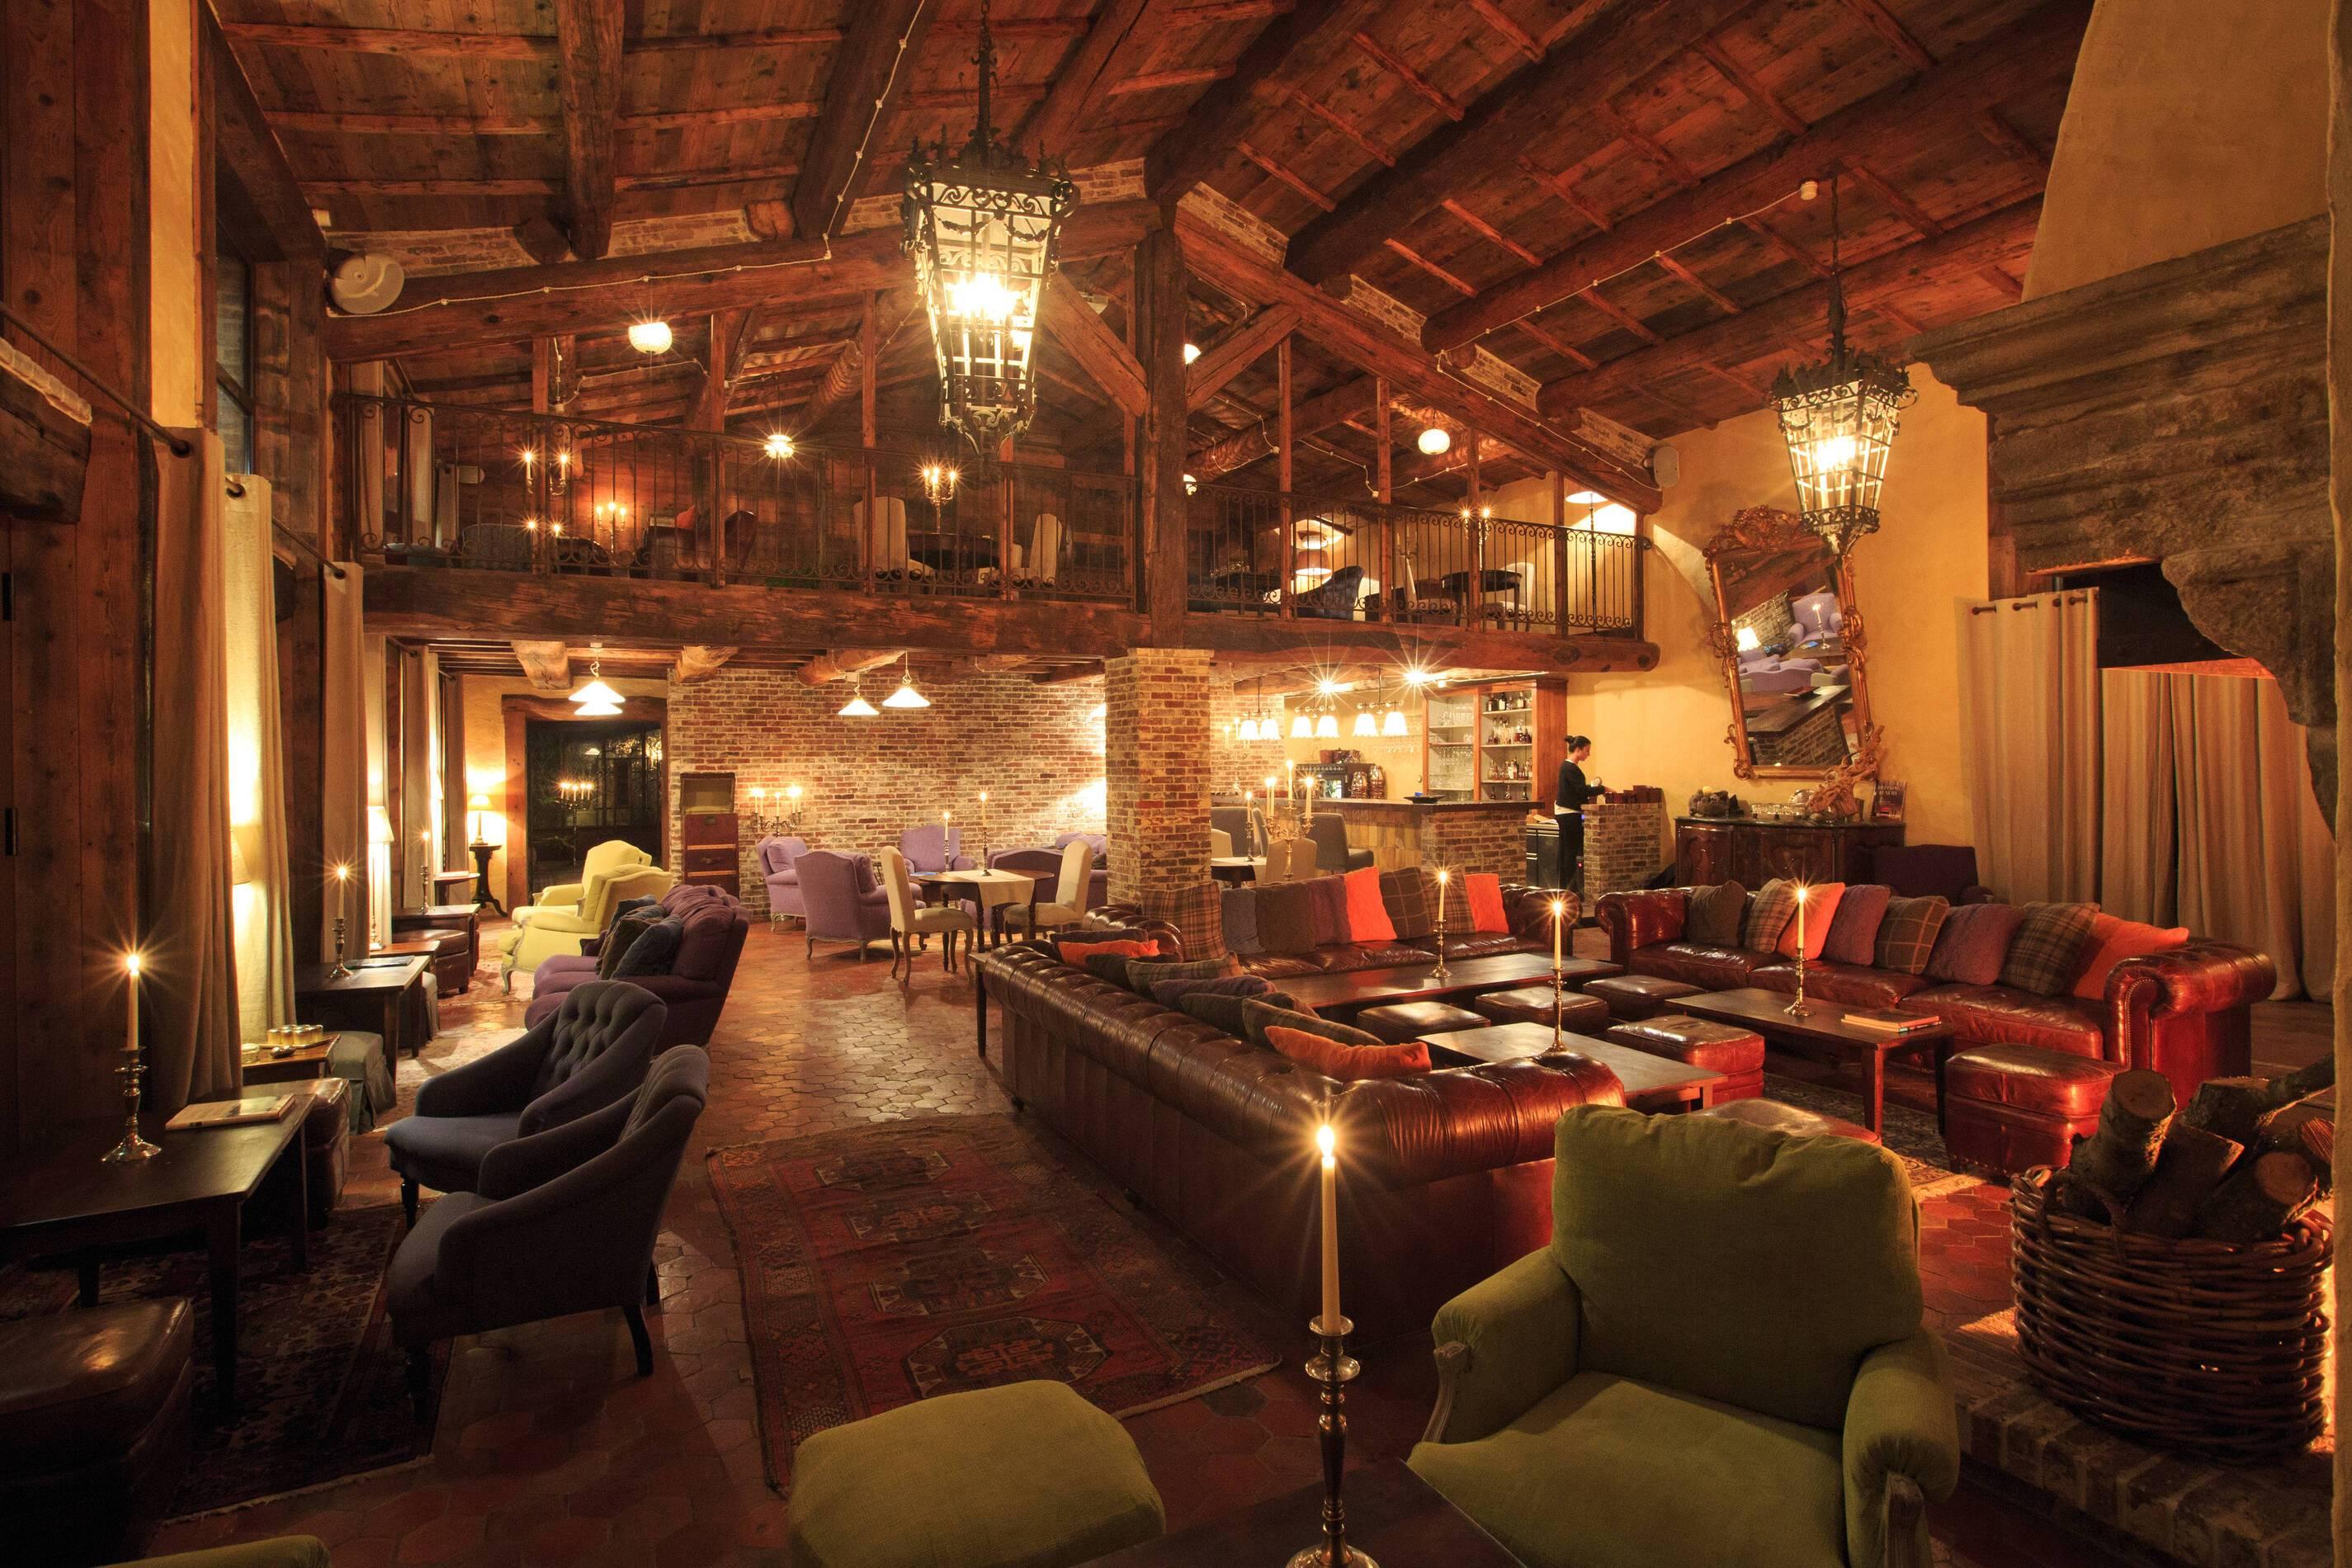 Domaine De Murtoli Farm Bar Corse Camille Moirenc